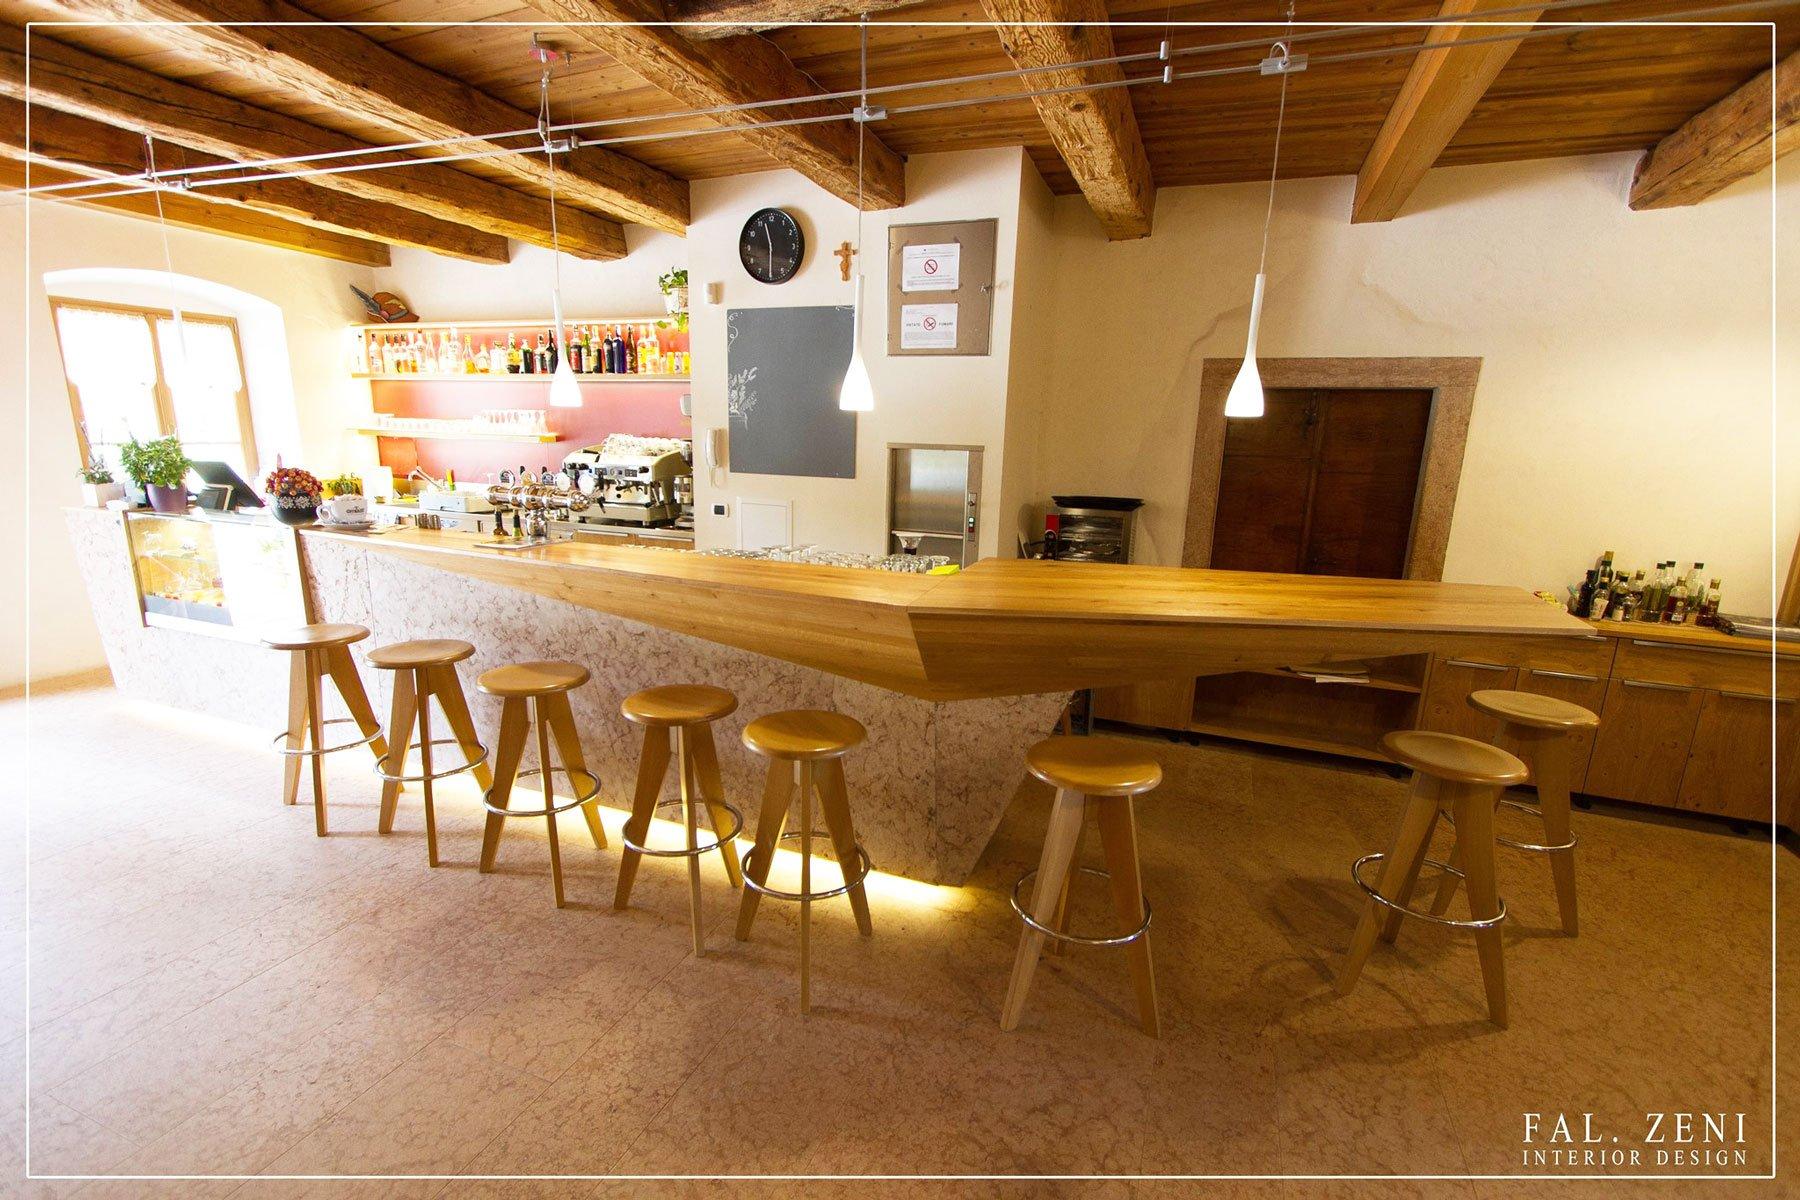 Bancone minimal in legno di un bar con sgabelli